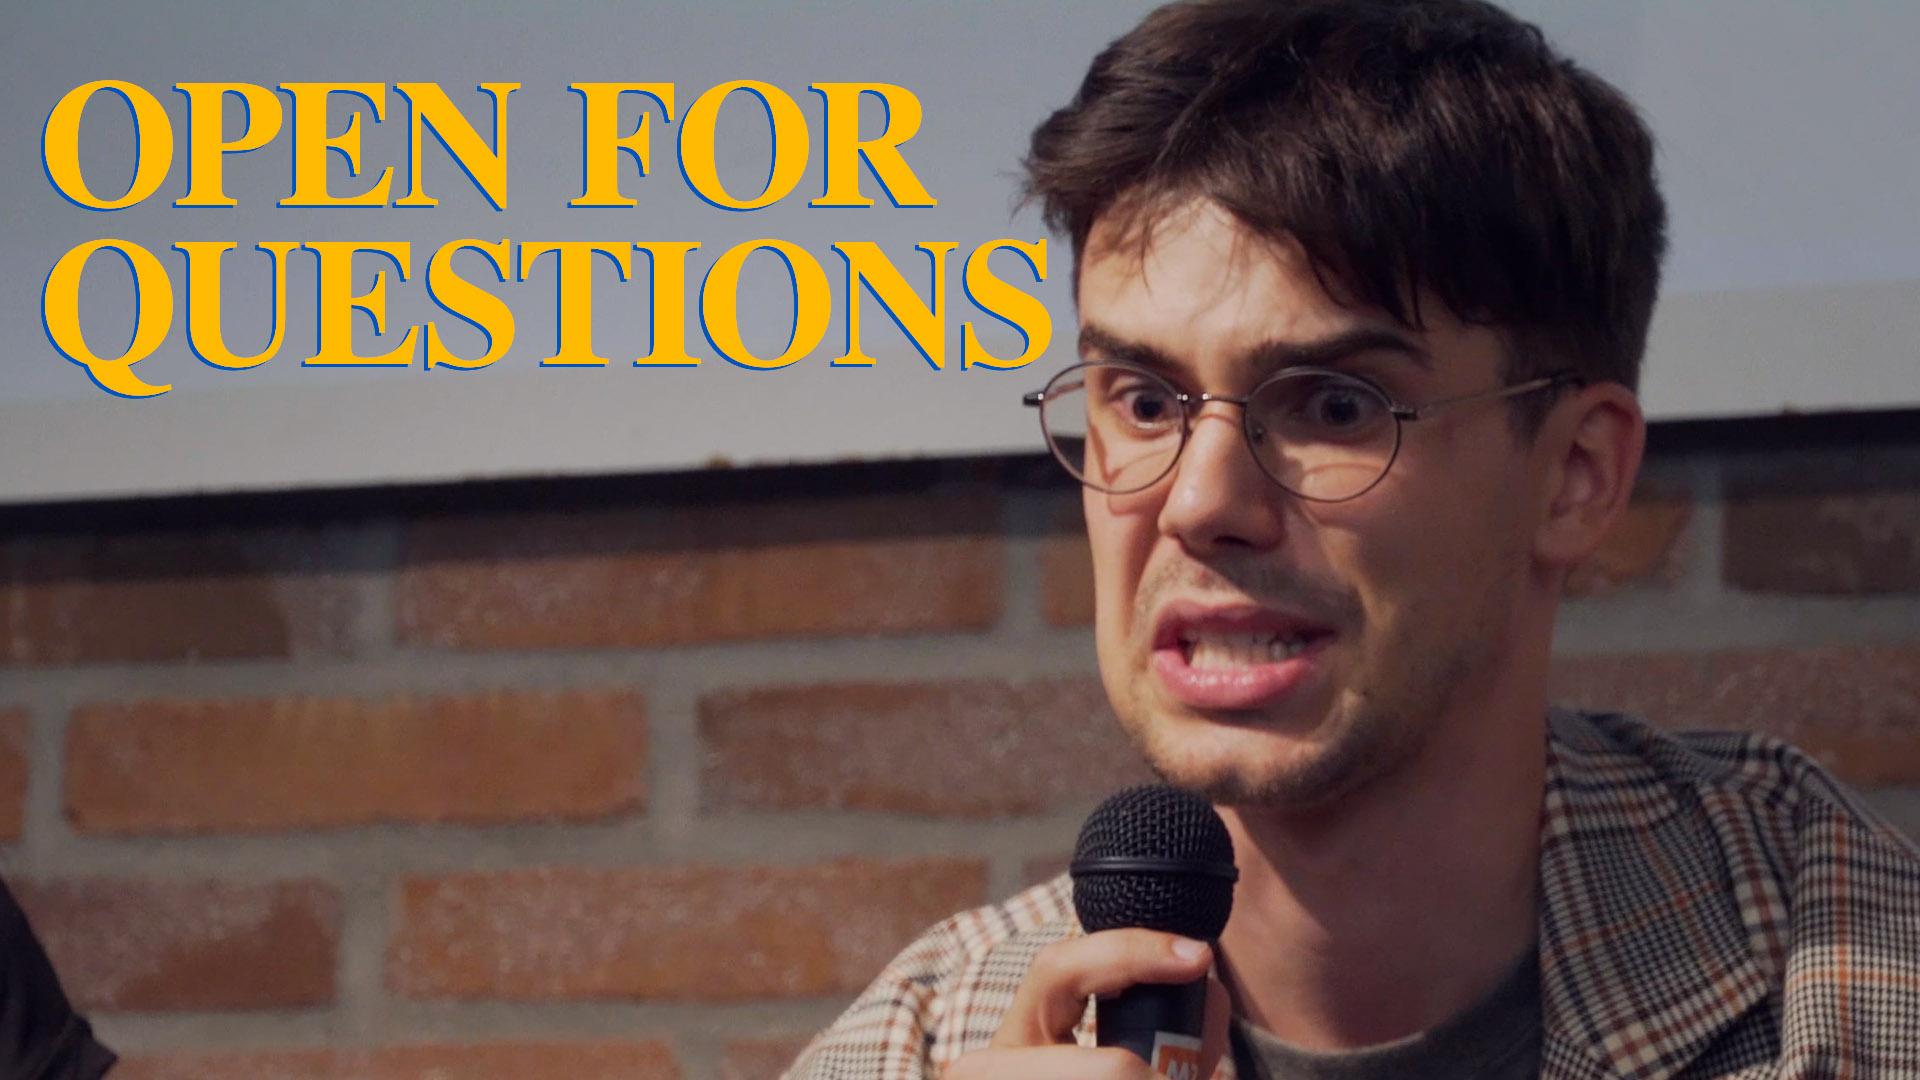 Open For Questions (Kurzfilm, 2019)